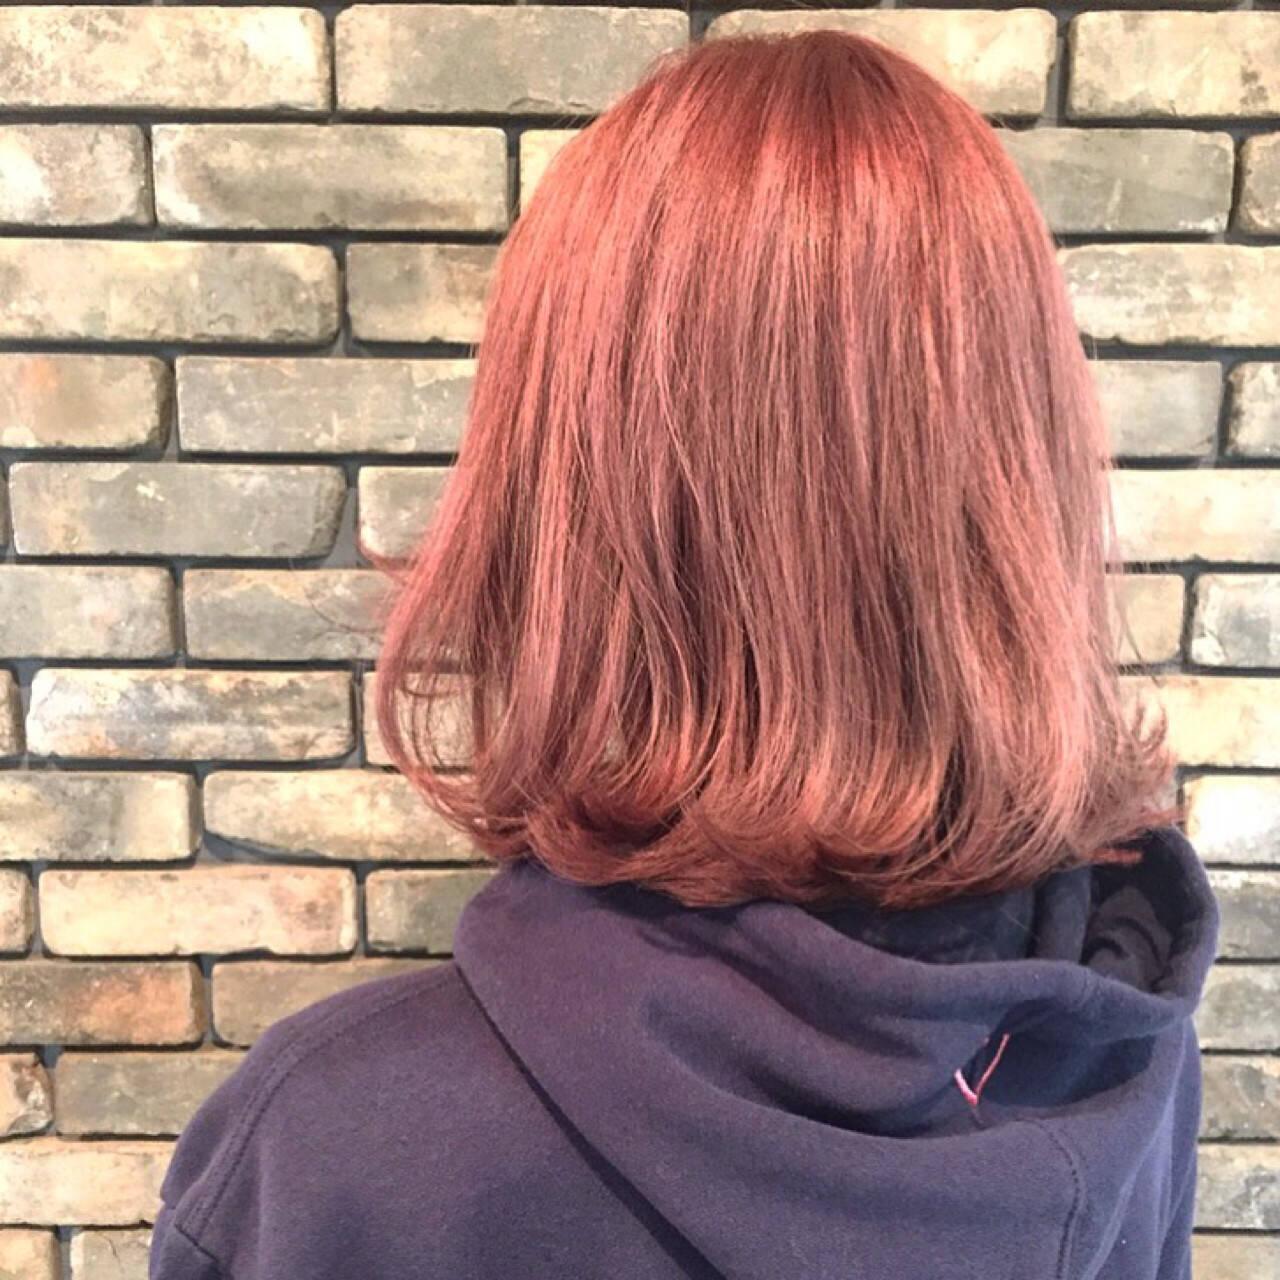 アッシュバイオレット 渋谷系 パープル ストリートヘアスタイルや髪型の写真・画像